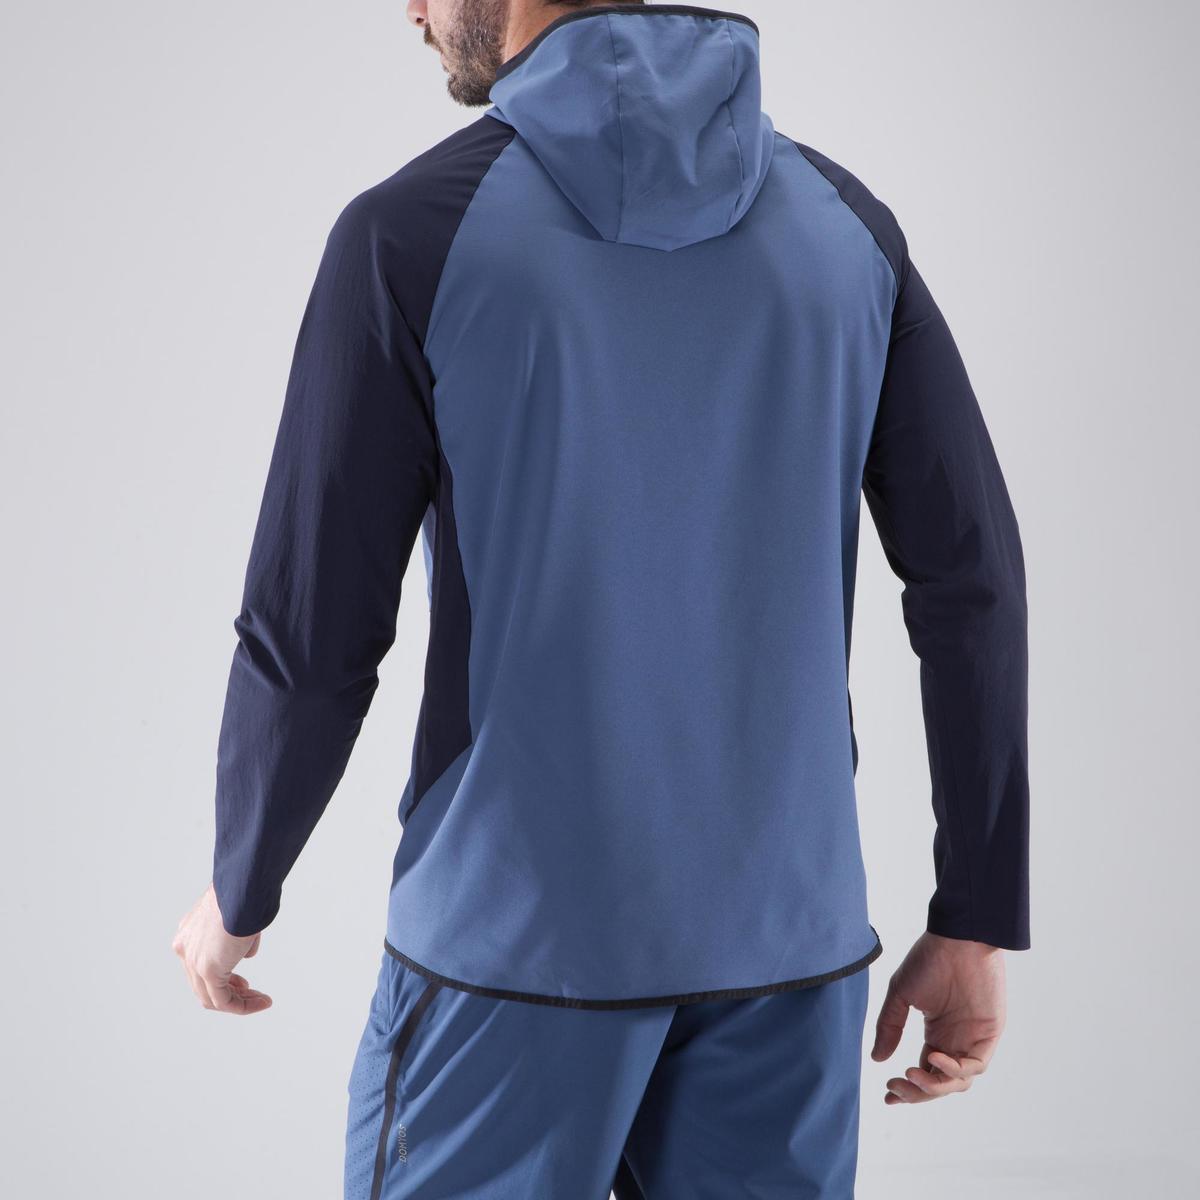 Bild 4 von Trainingsjacke Cardio 900 Herren Fitness blau/schwarz